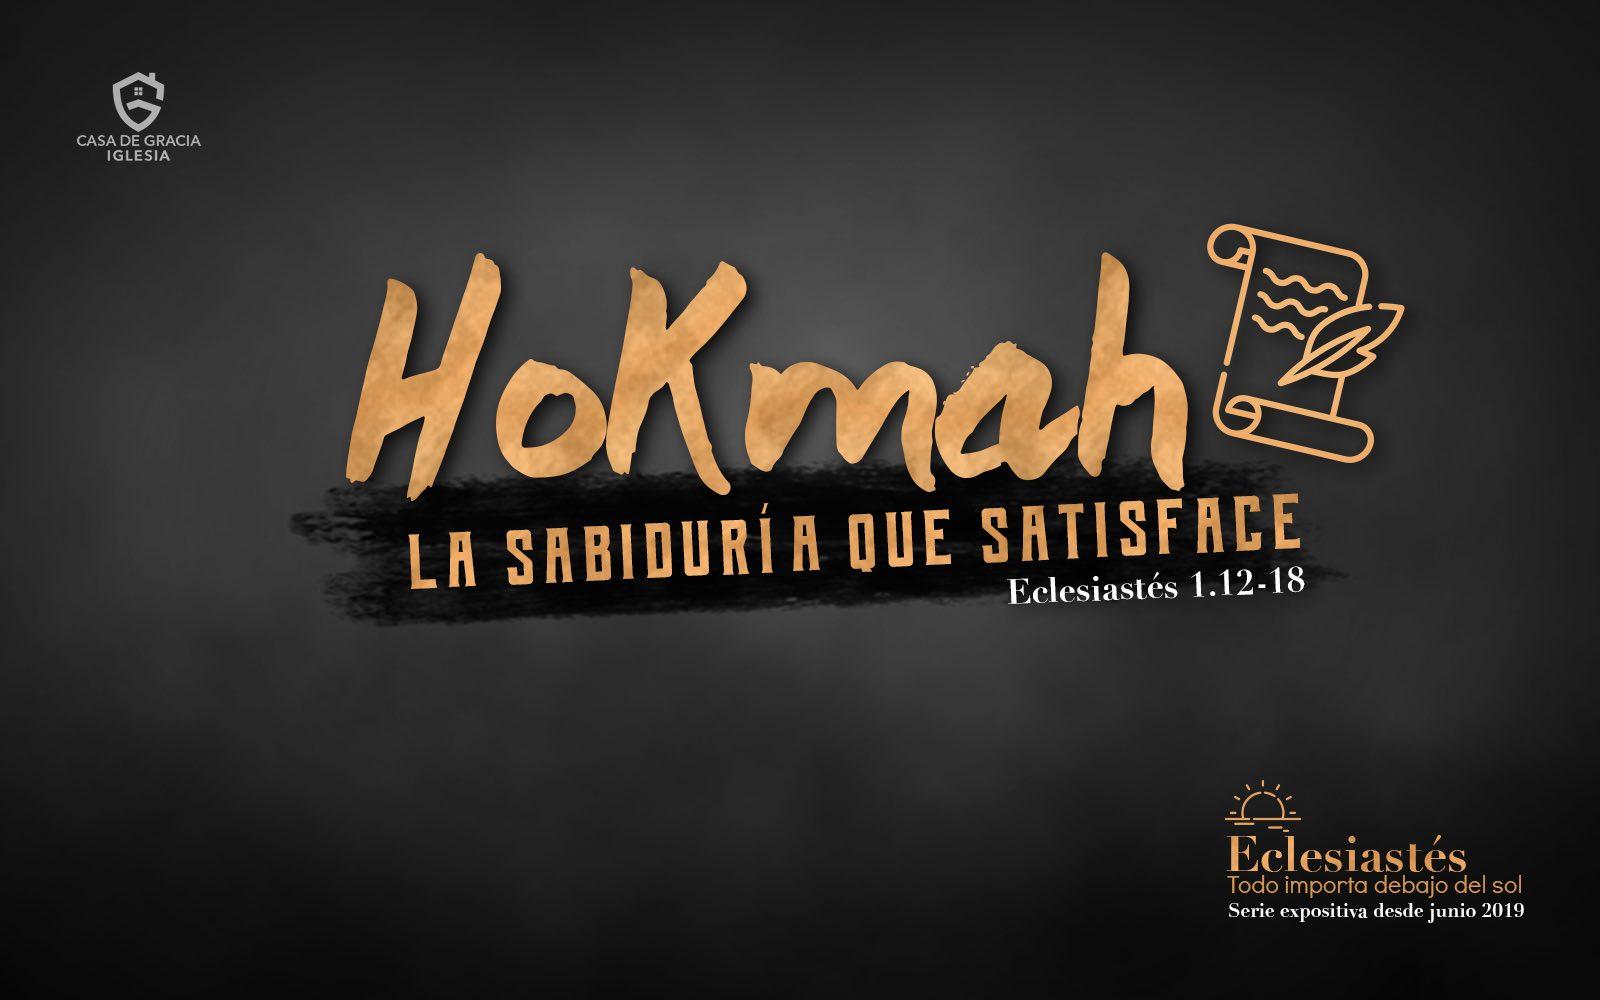 Hokmáh: La sabiduría que satisface - Iglesia Casa de Gracia